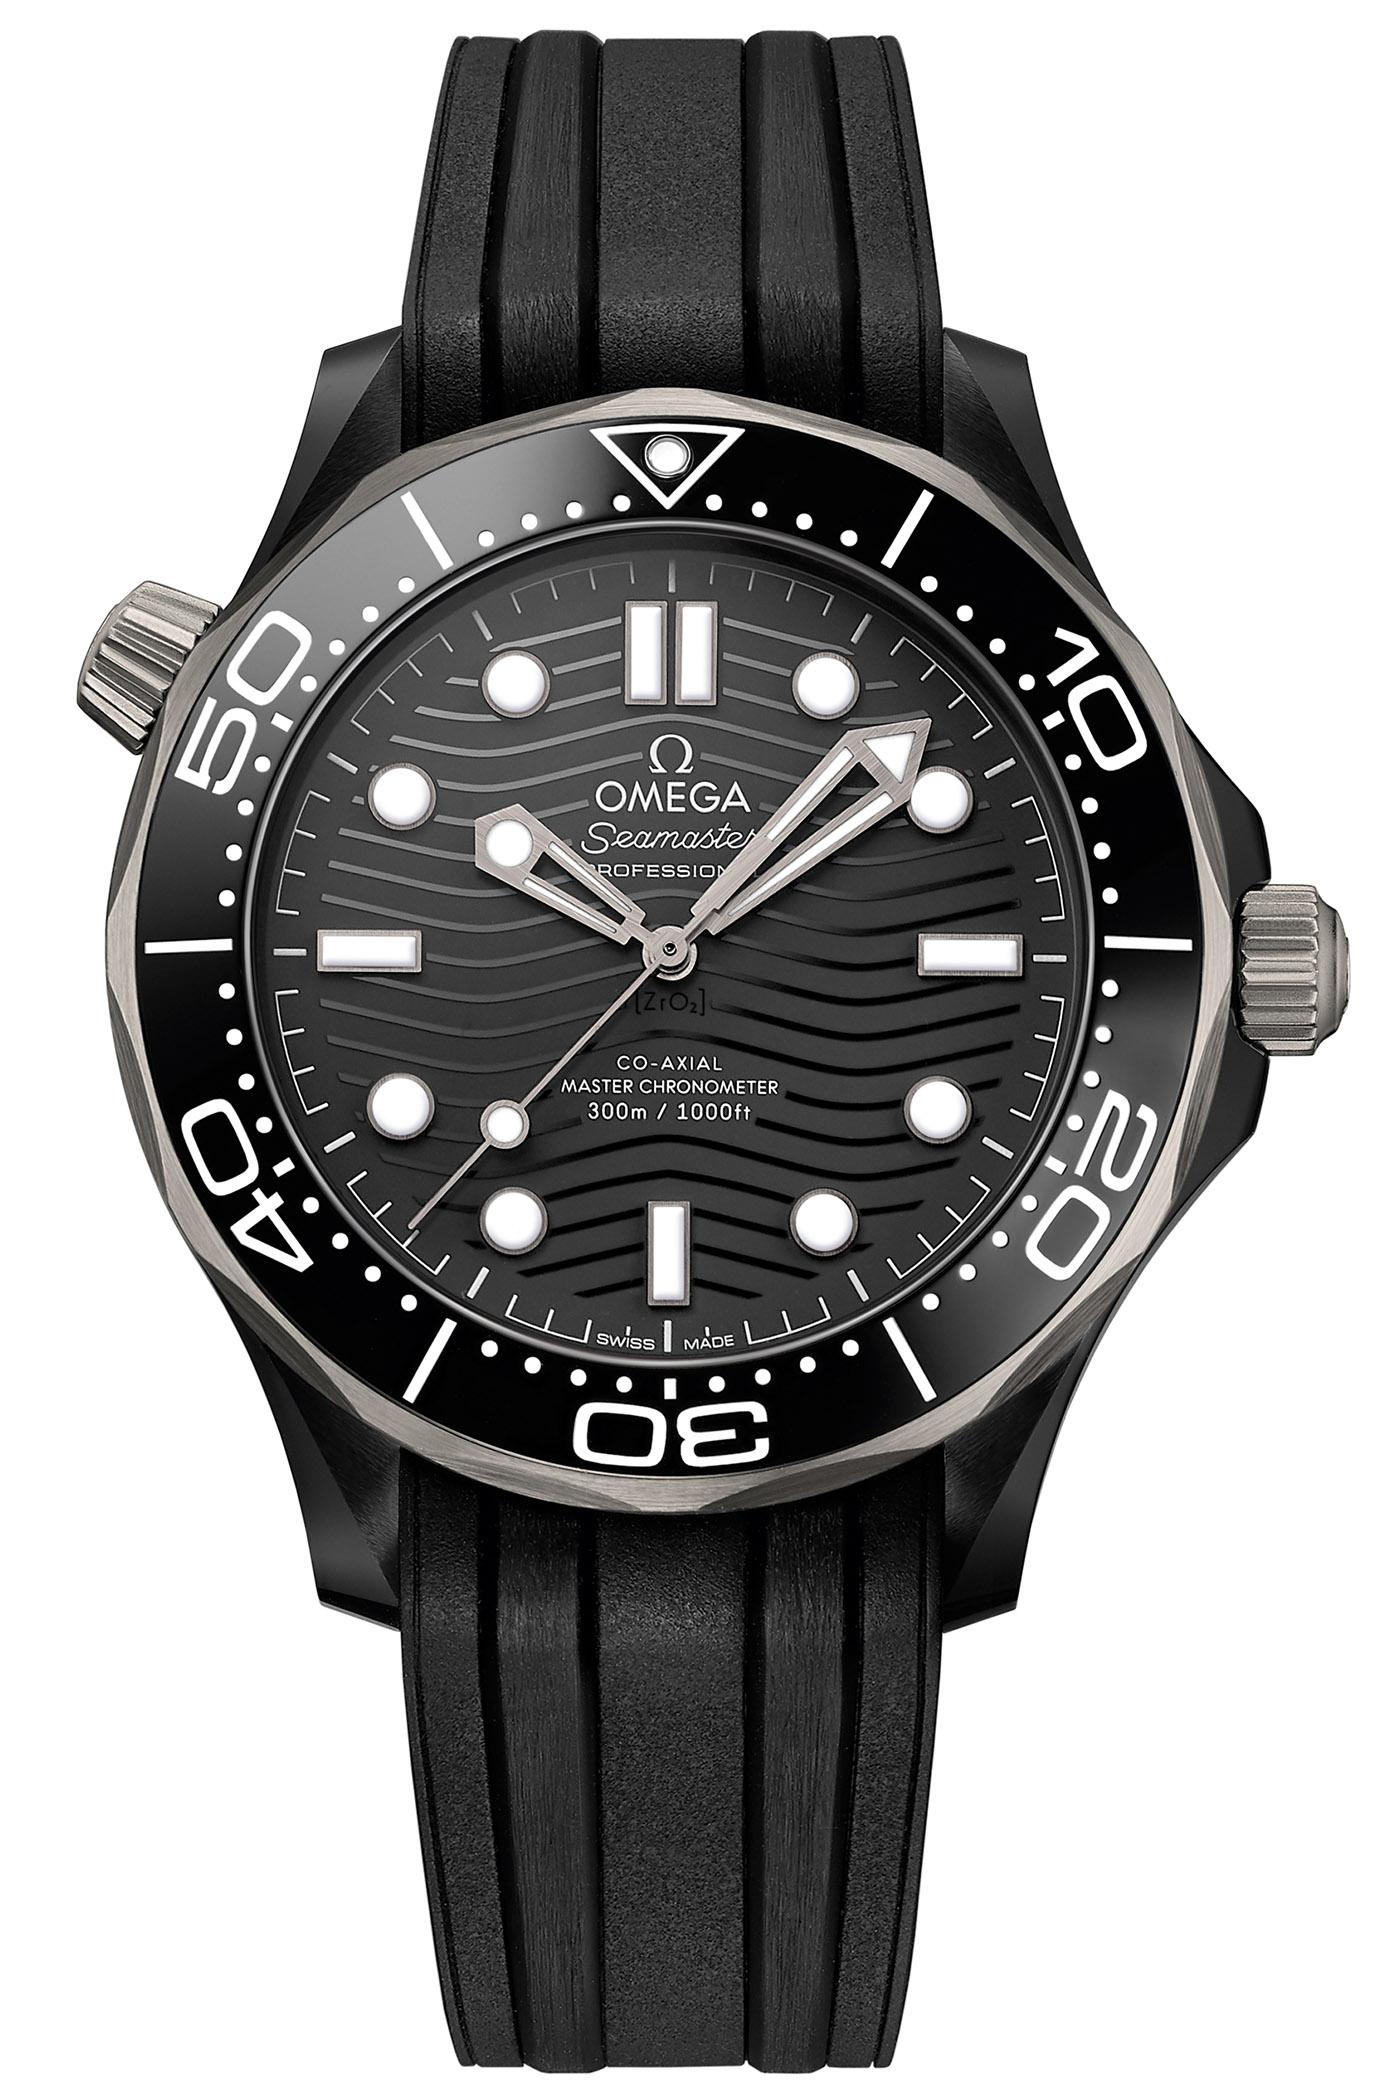 Omega Seamaster Diver 300M Ceramic-and-Titanium 210.92.44.20.01.001 collection 2019